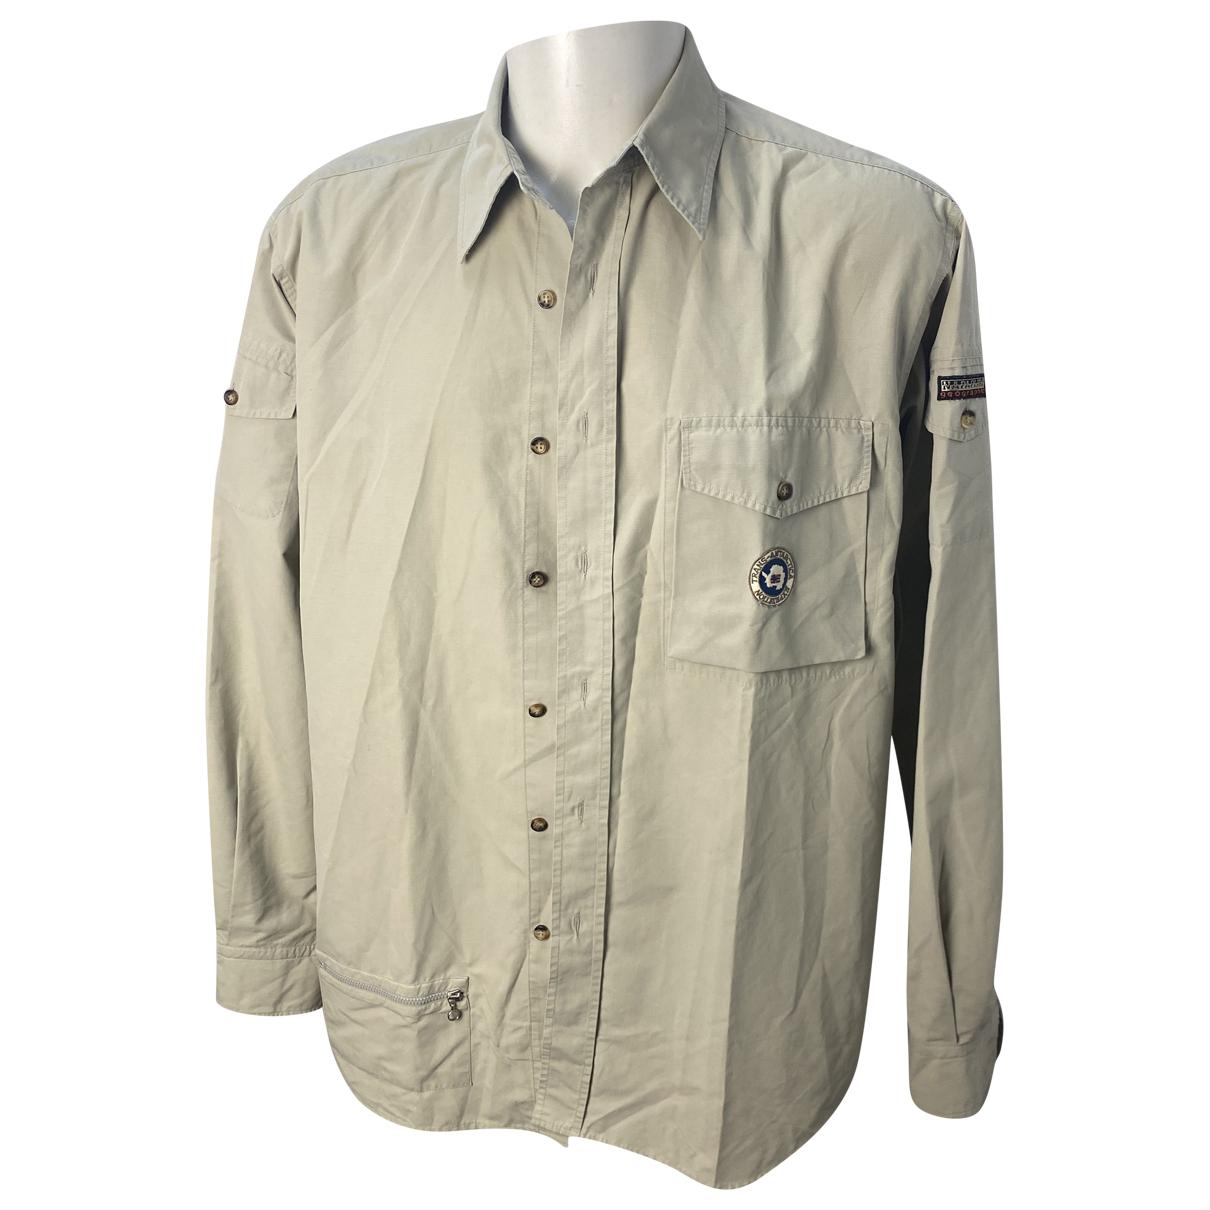 Napapijri - Chemises   pour homme en coton - beige